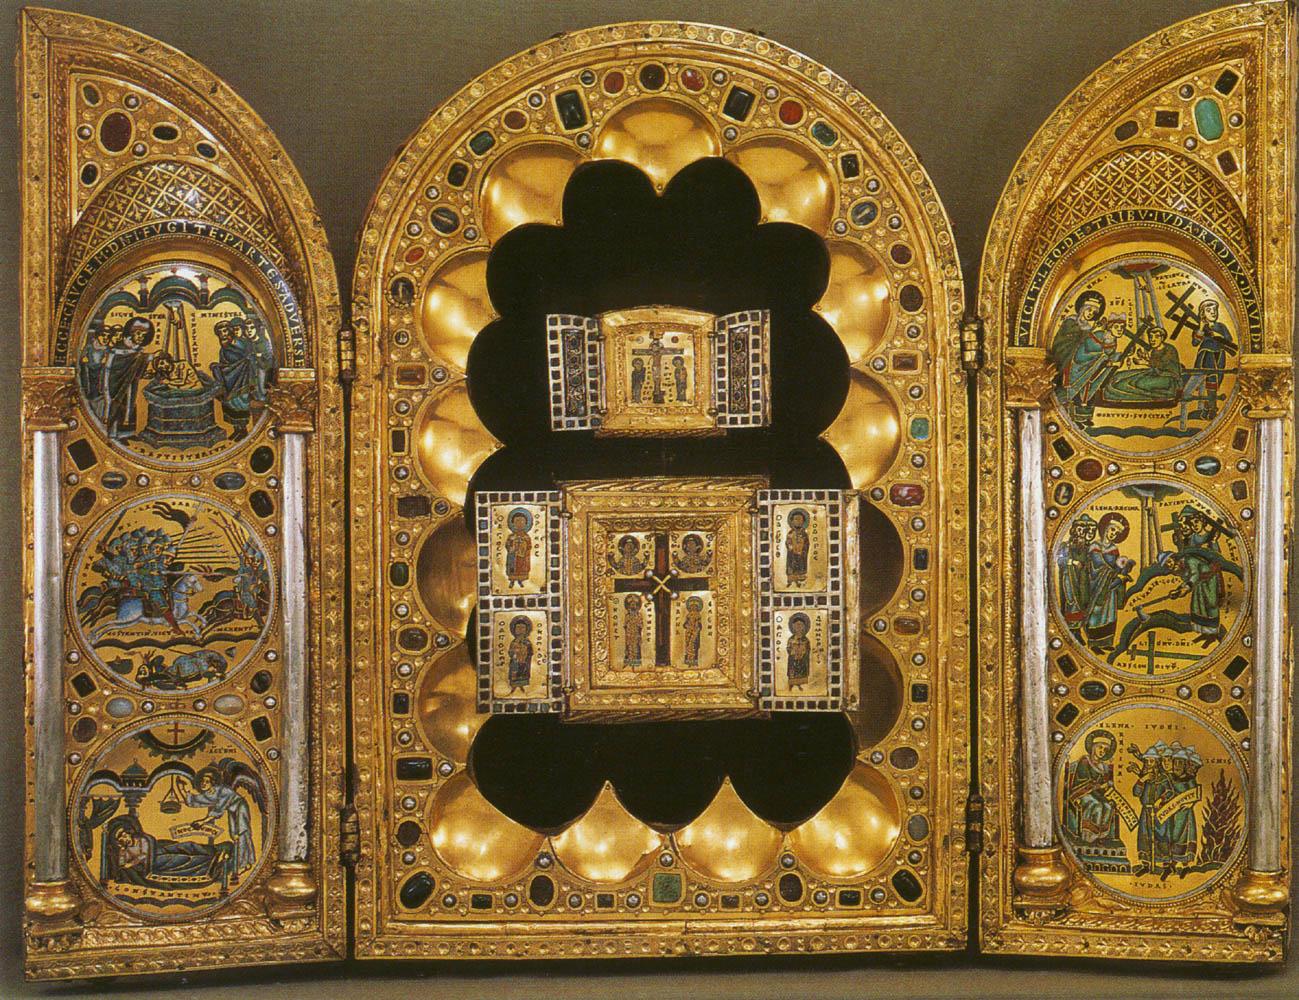 Stavelot Triptych - Wikipedia